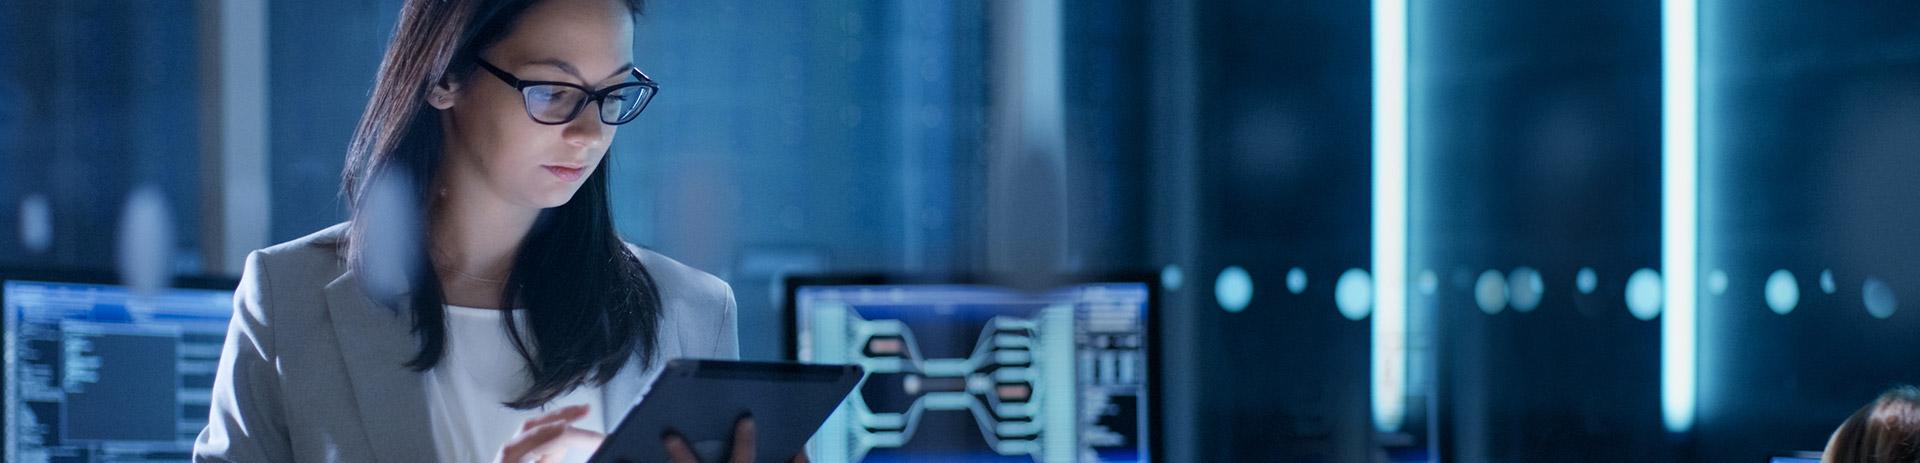 Frau mit Tablet in Serverraum